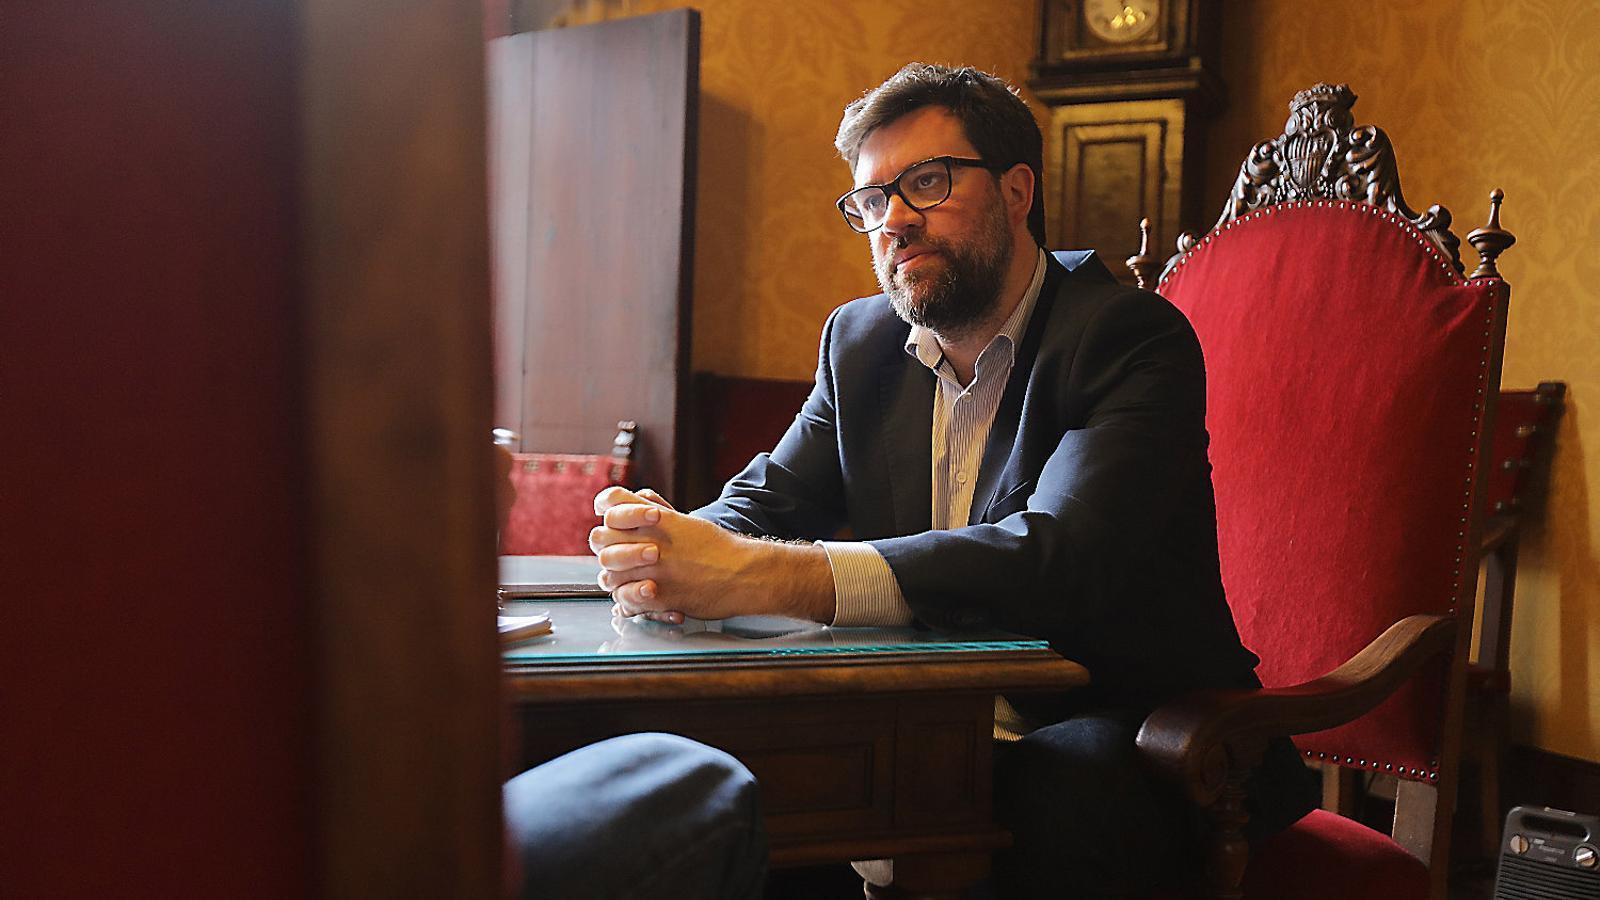 ANTONI NOGUERA  MÉS va recollir la proposta del batle de Palma de cercar una coalició amb EU.